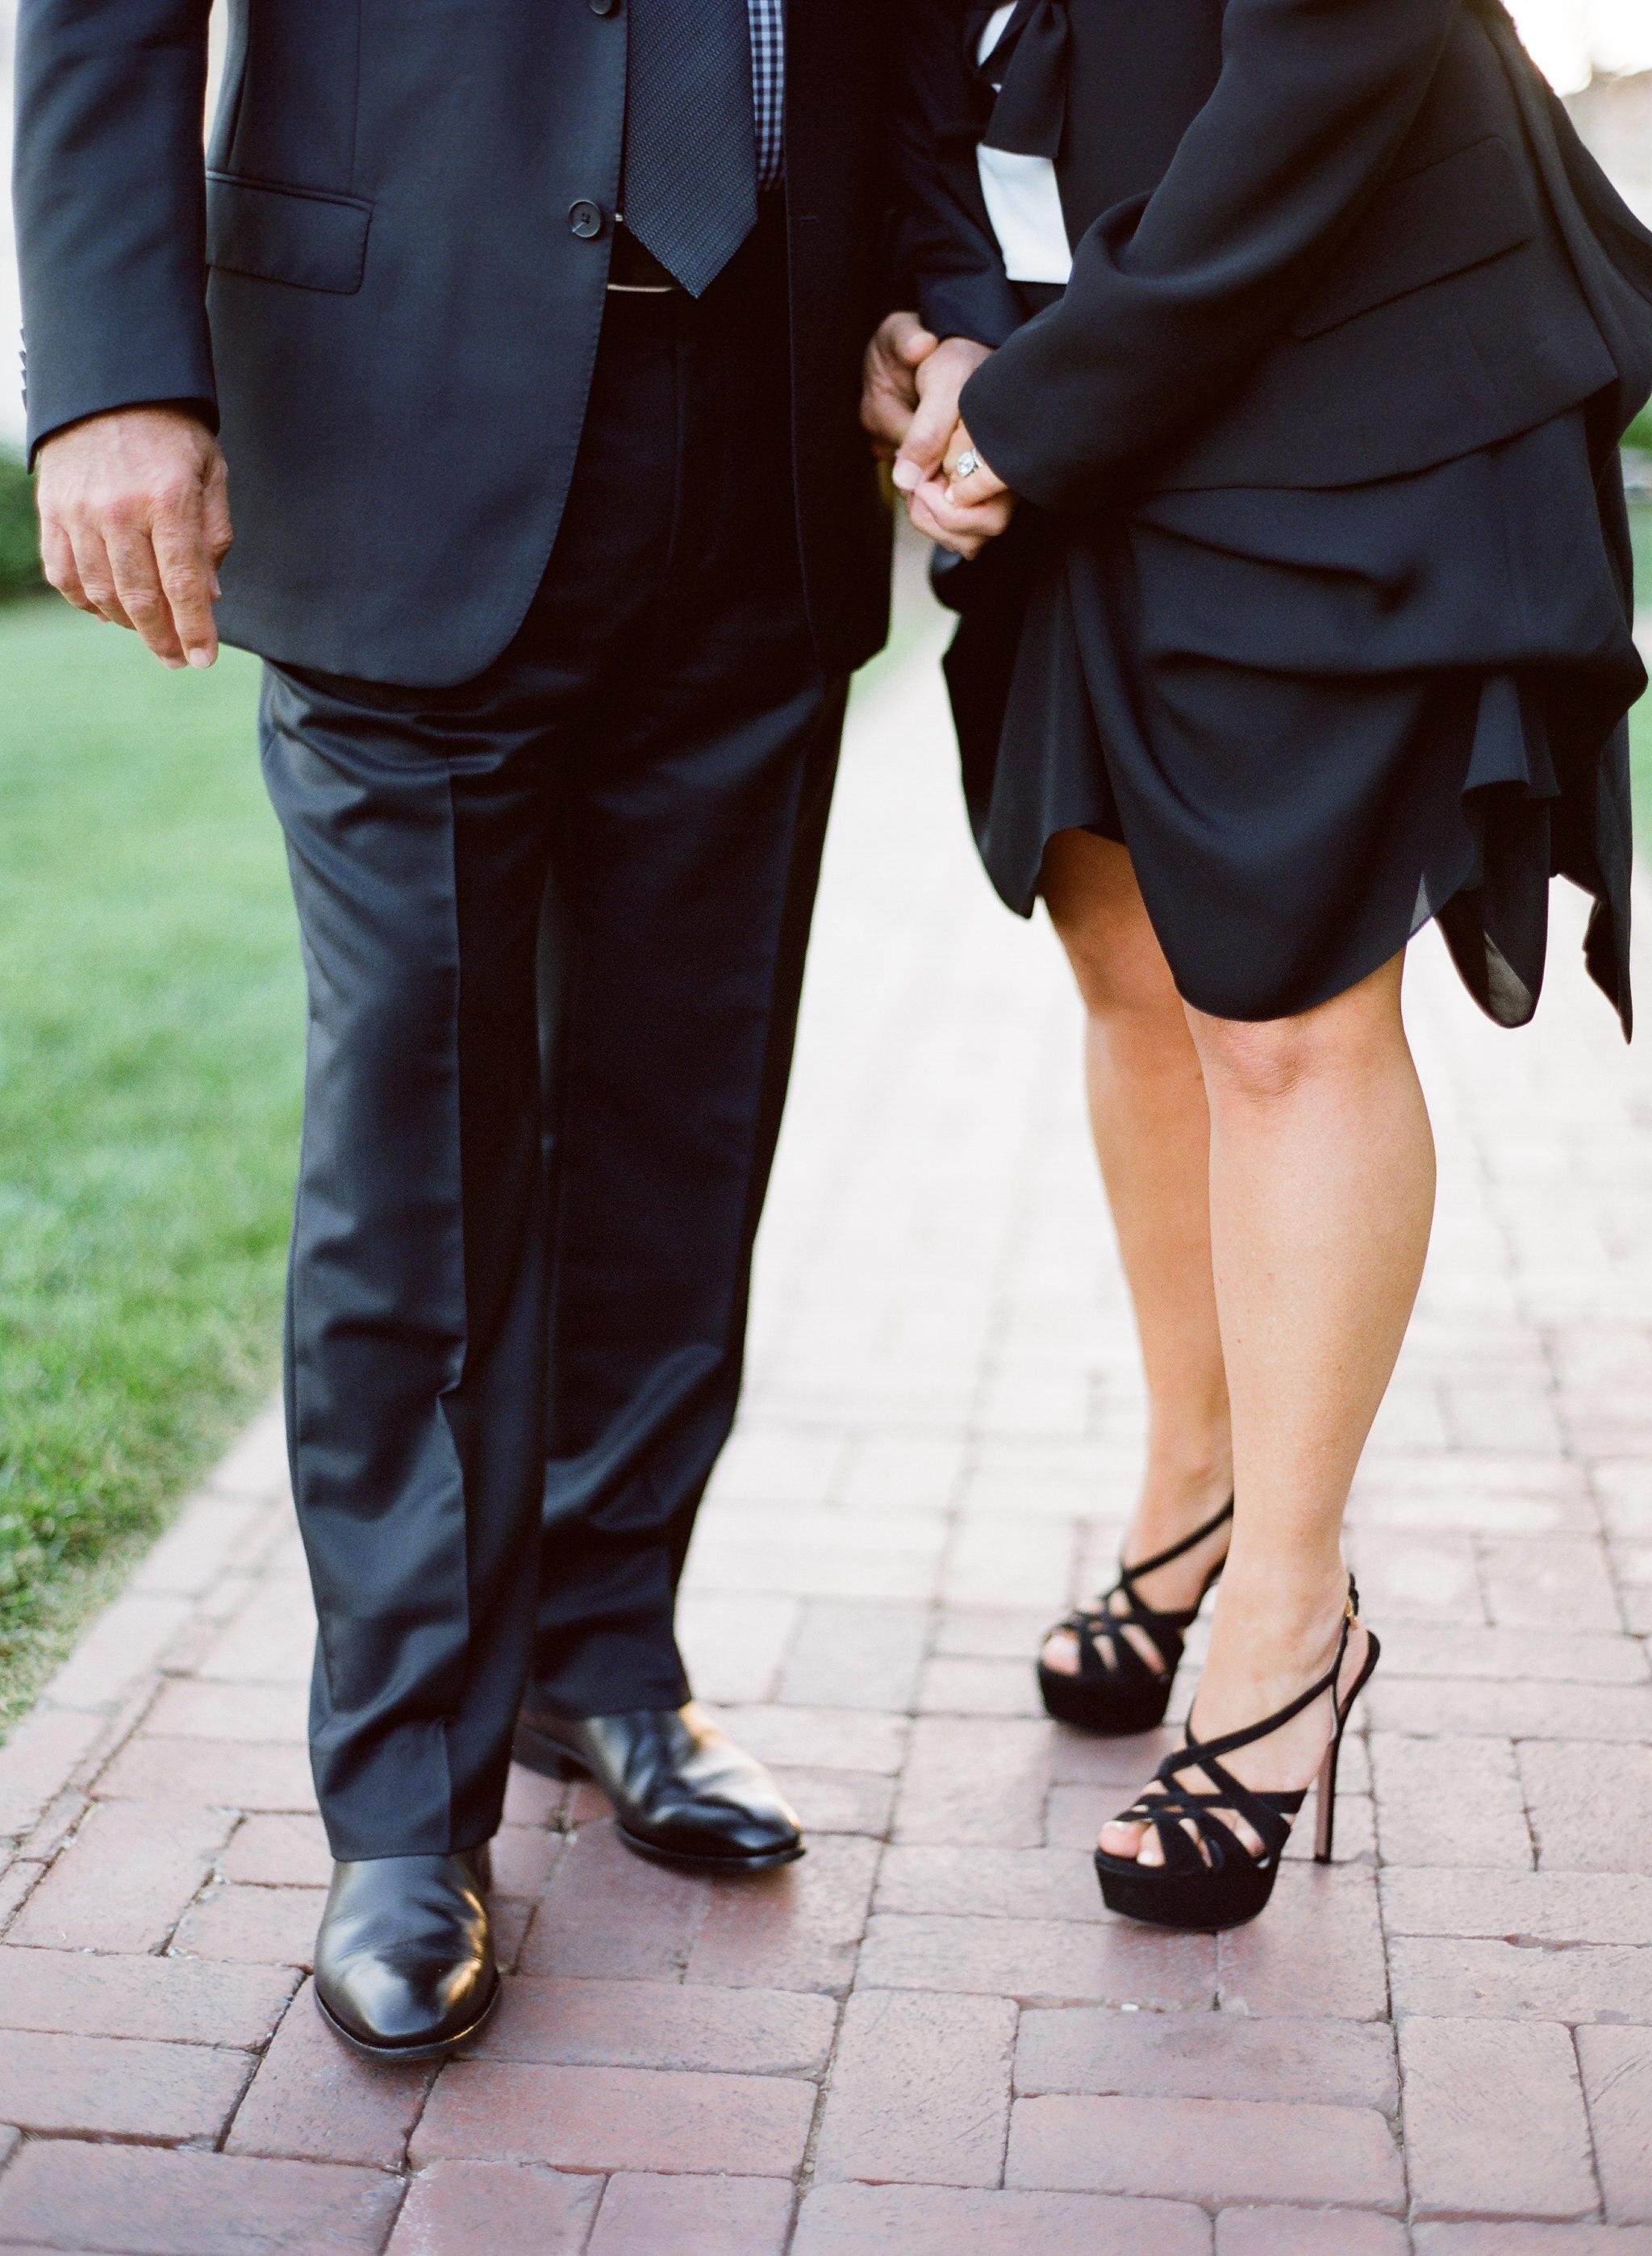 santabarbarawedding.com | Belmond El Encanto | Magnolia Event Design | Jose Villa | Bride and Groom